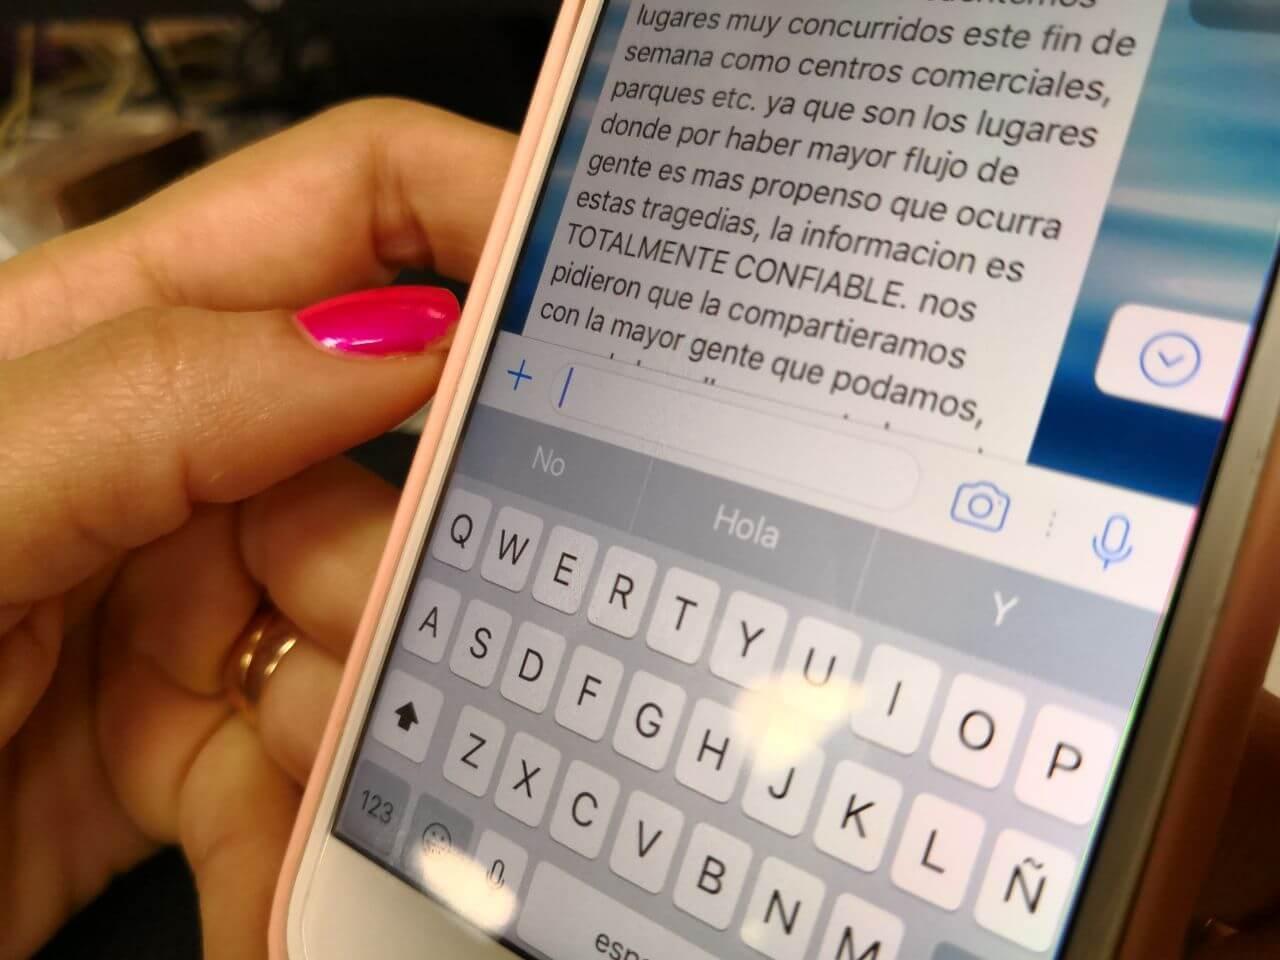 Desmienten cadena de WhatsApp que advierte sobre supuesto atentado en Medellín